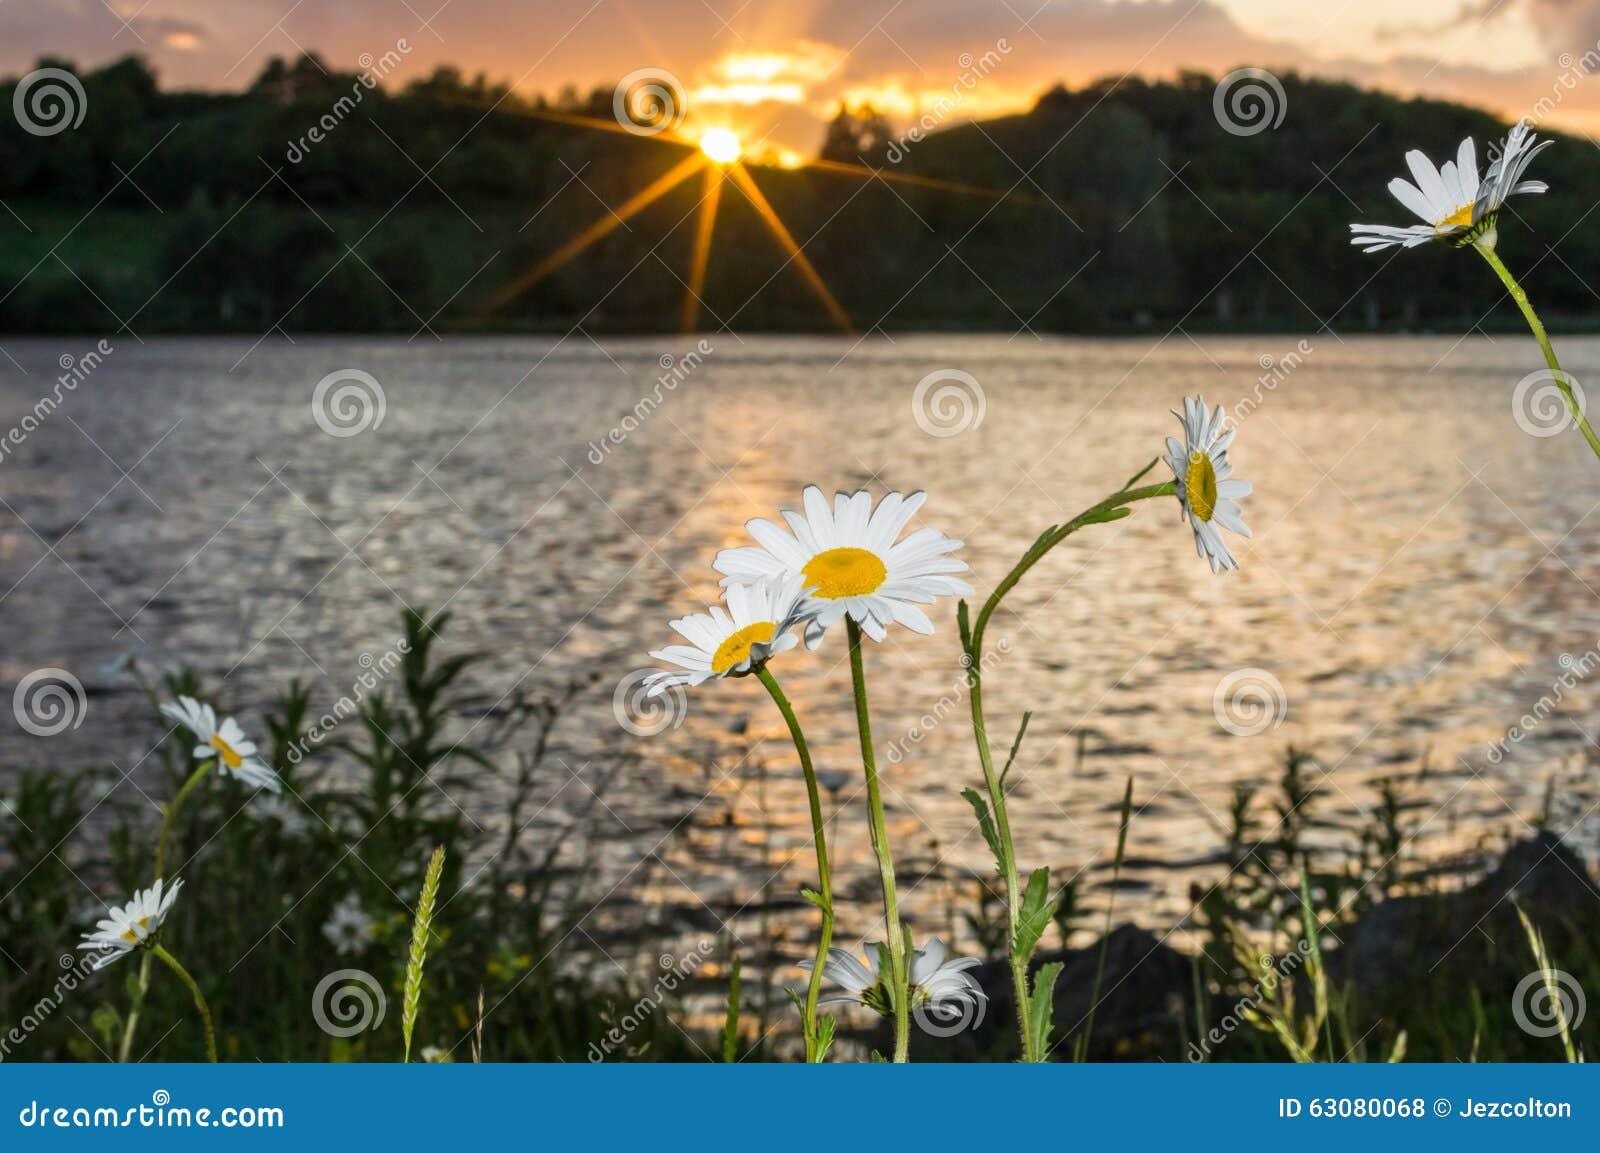 Download Fleurs au crépuscule photo stock. Image du scène, sunset - 63080068